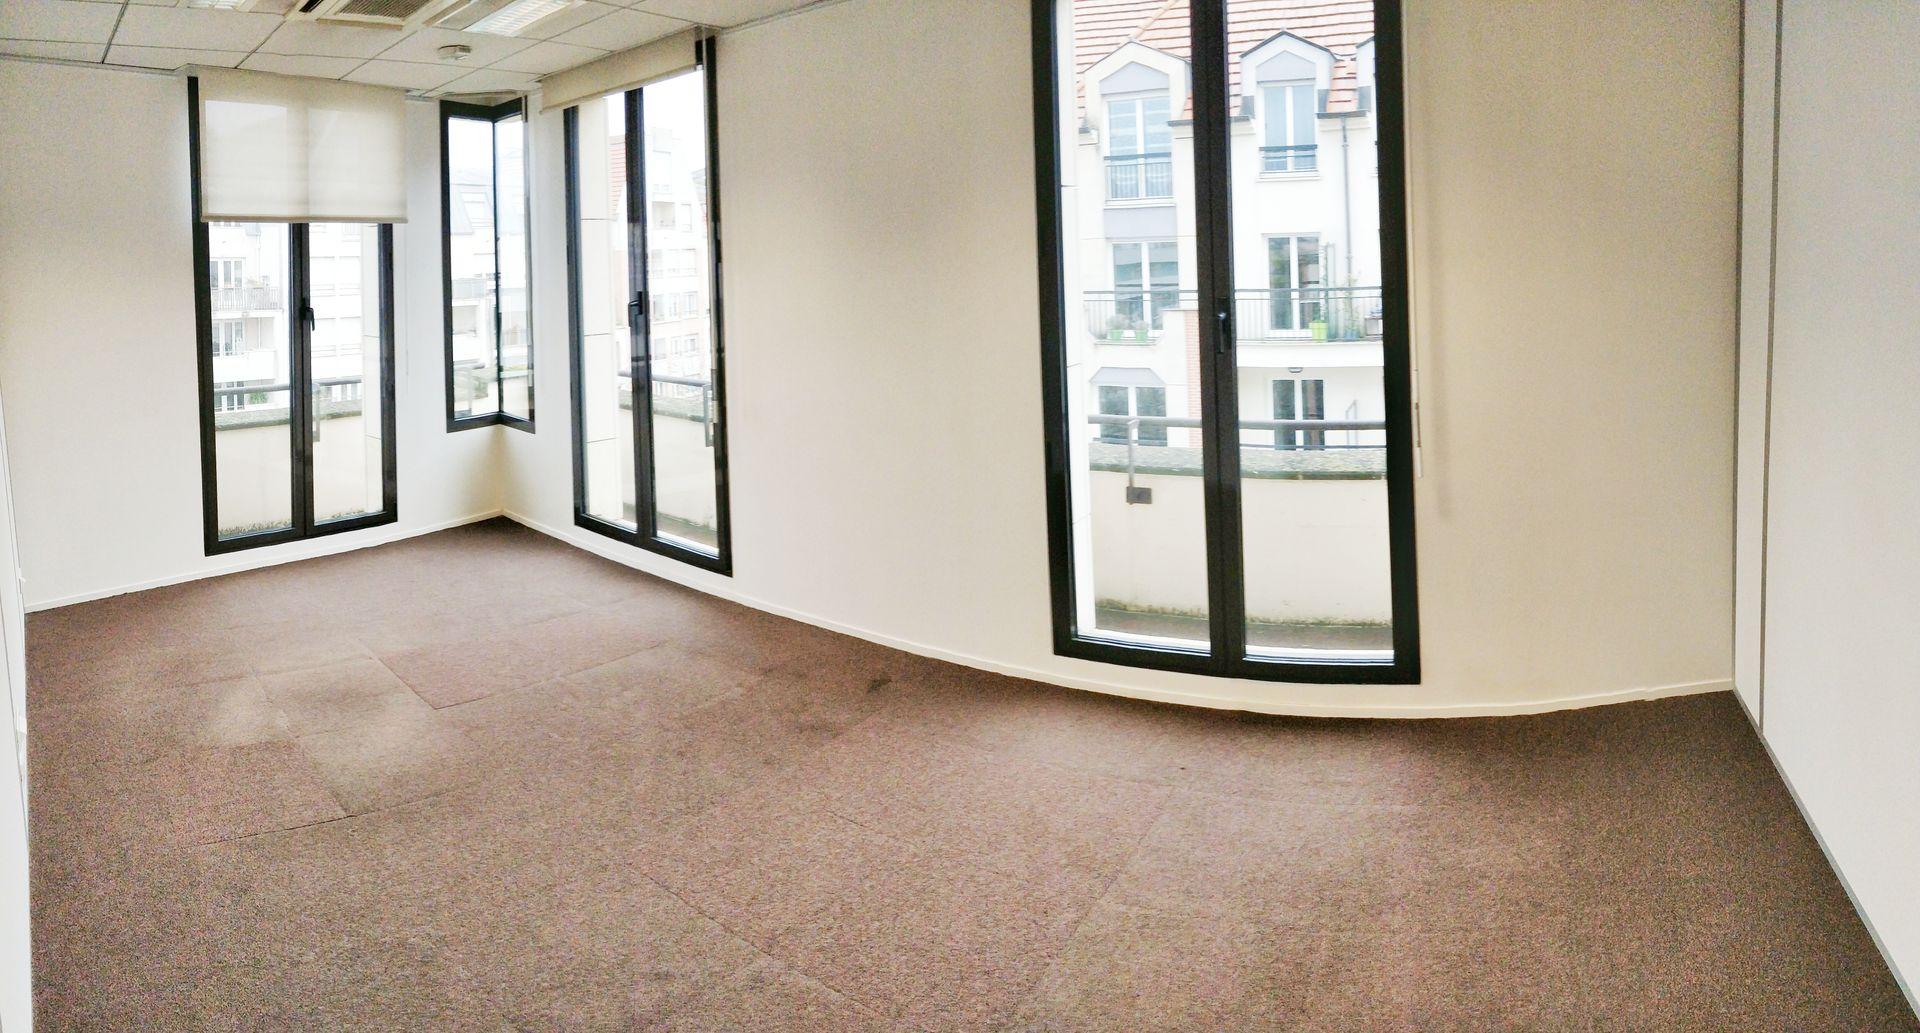 bureau de 348m², Saint-Maur-des-Fossés (Val-de-Marne)